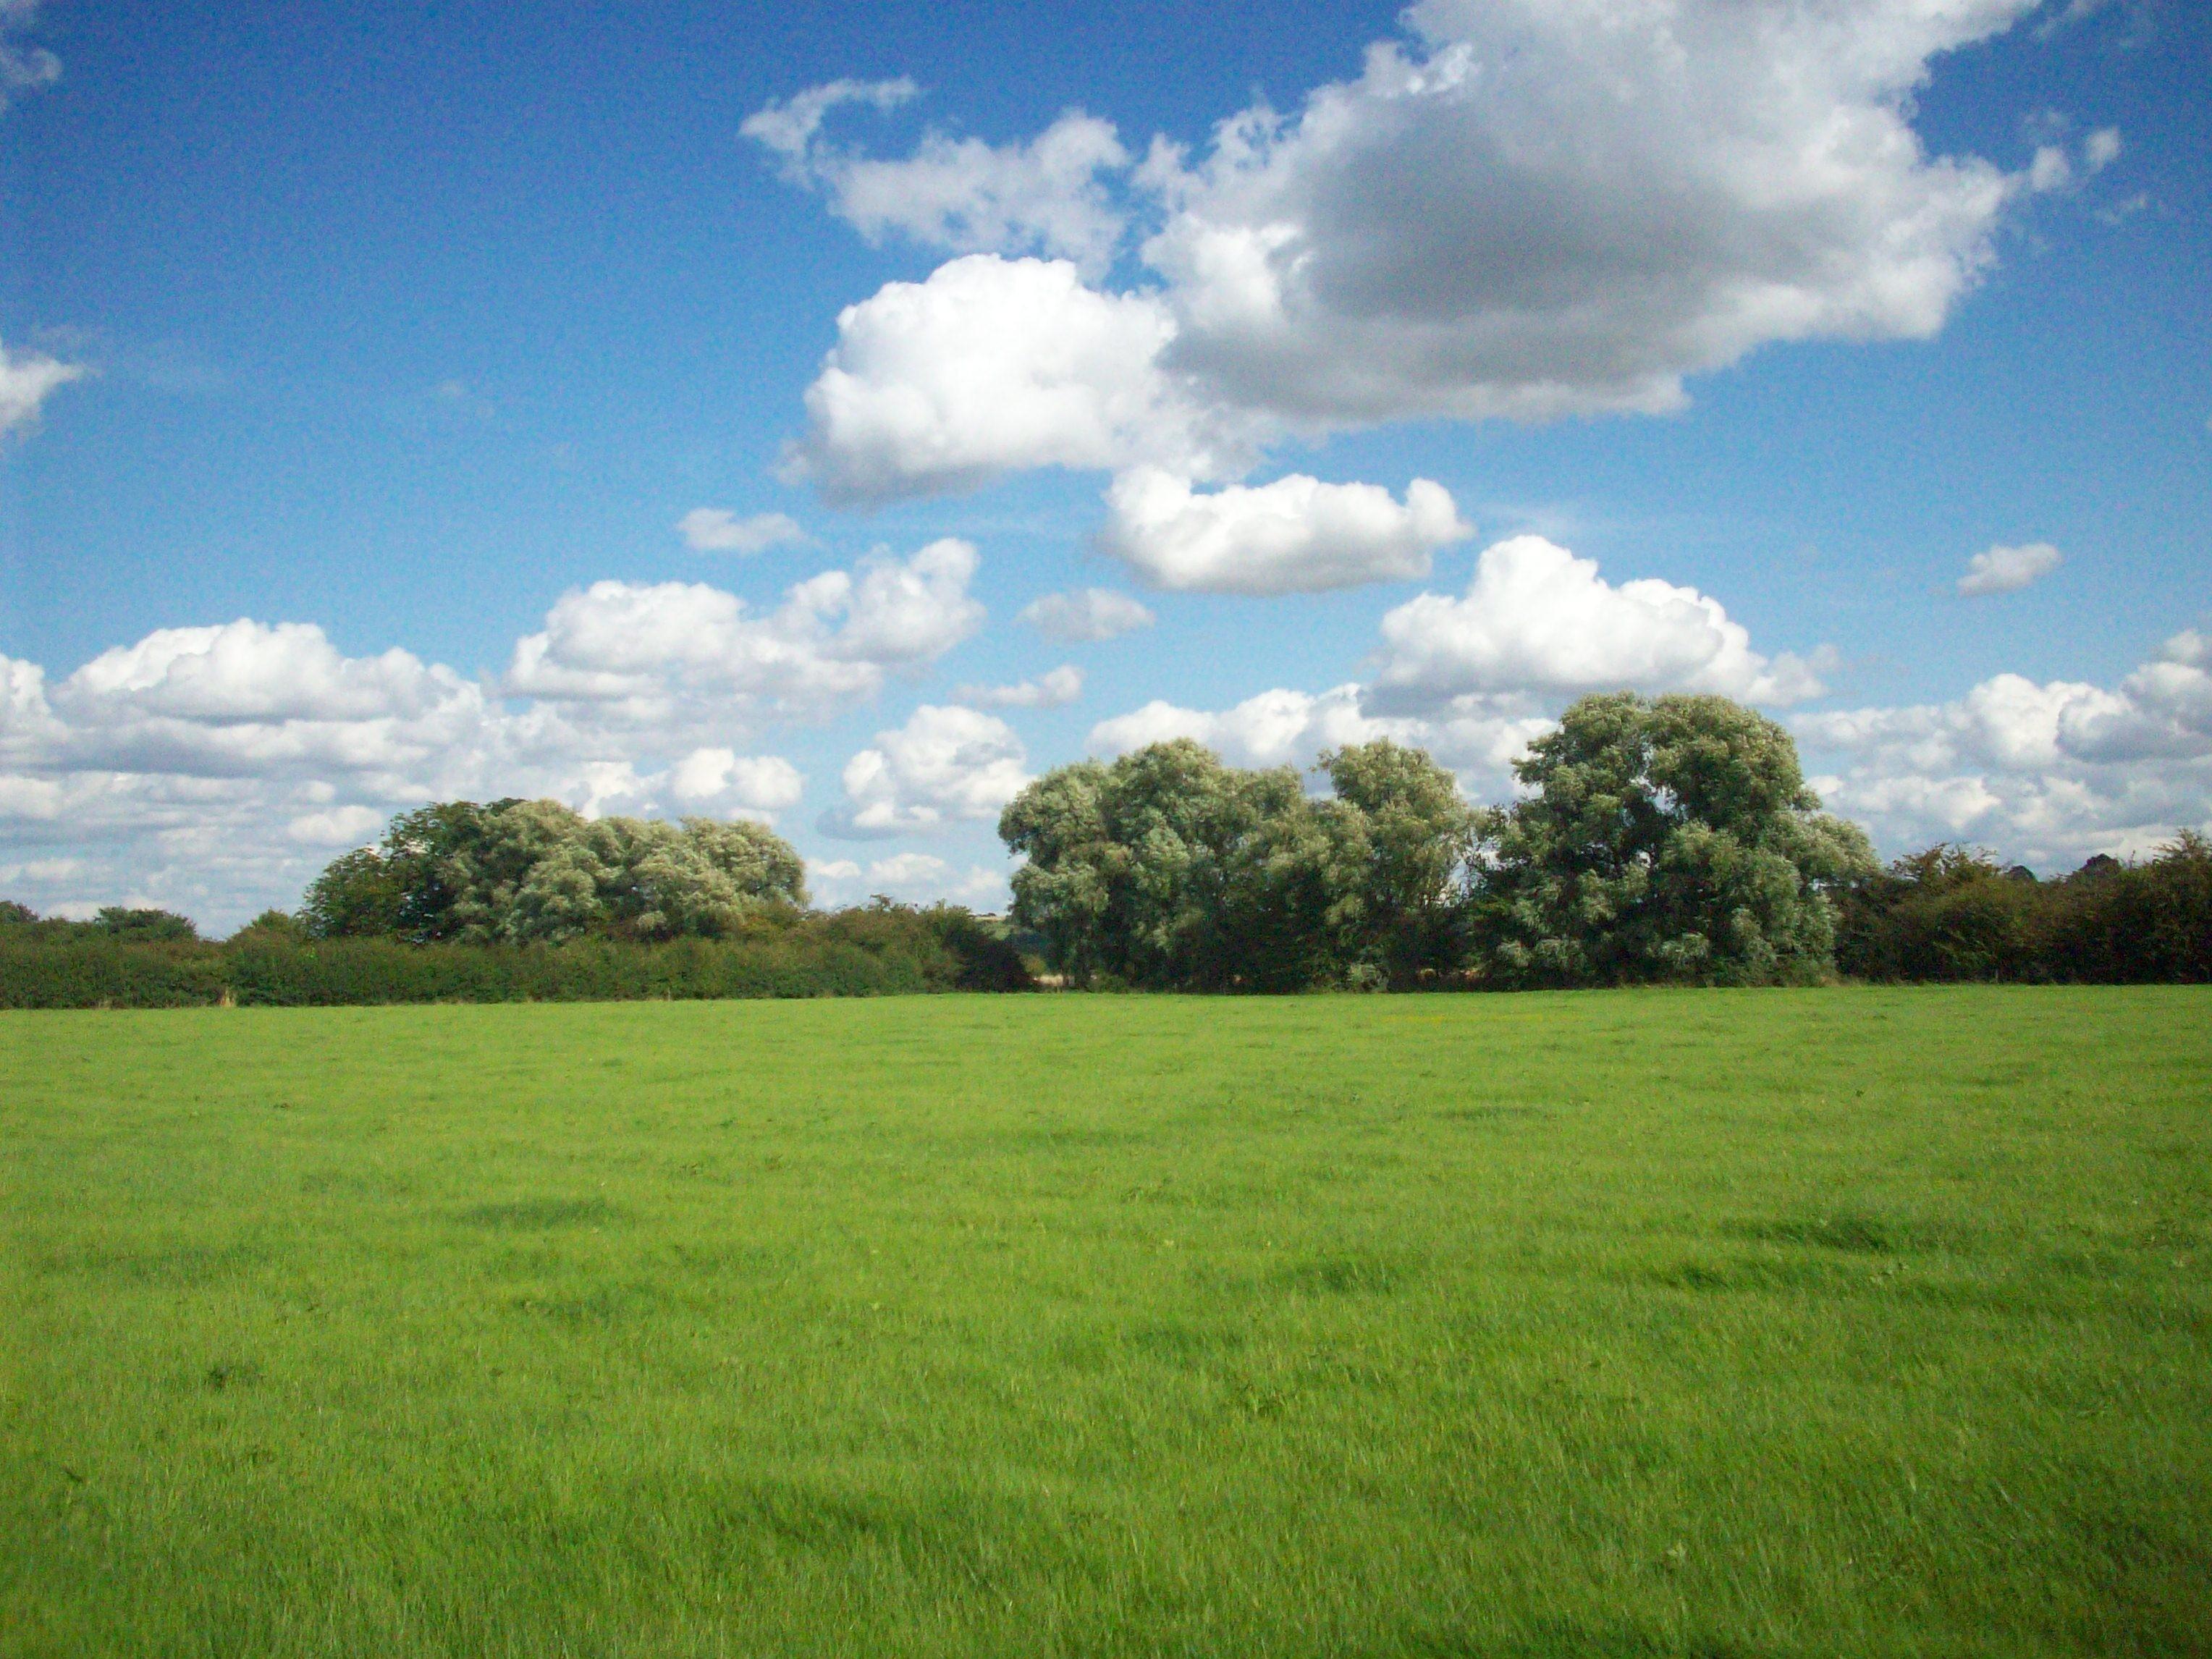 Grass: Summers Green Grass Field Wallpapers for HD 16:9 High ...